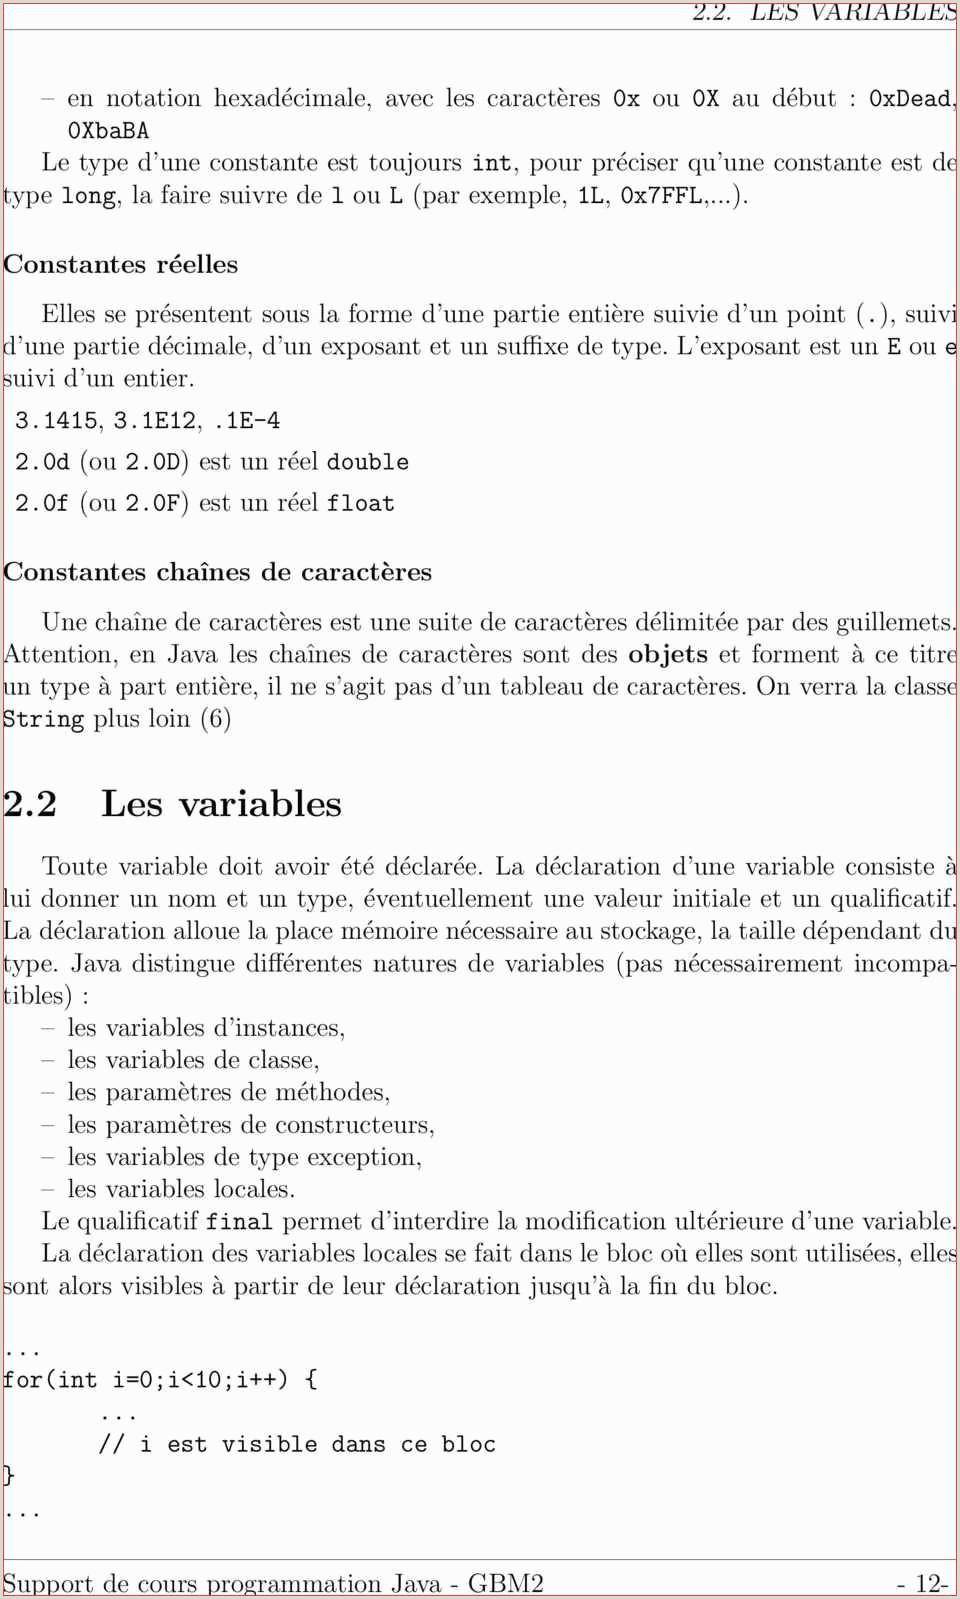 Exemple De Cv Logisticien Lettre De Motivation Bts Muc Exemple Cv Et Lettre De